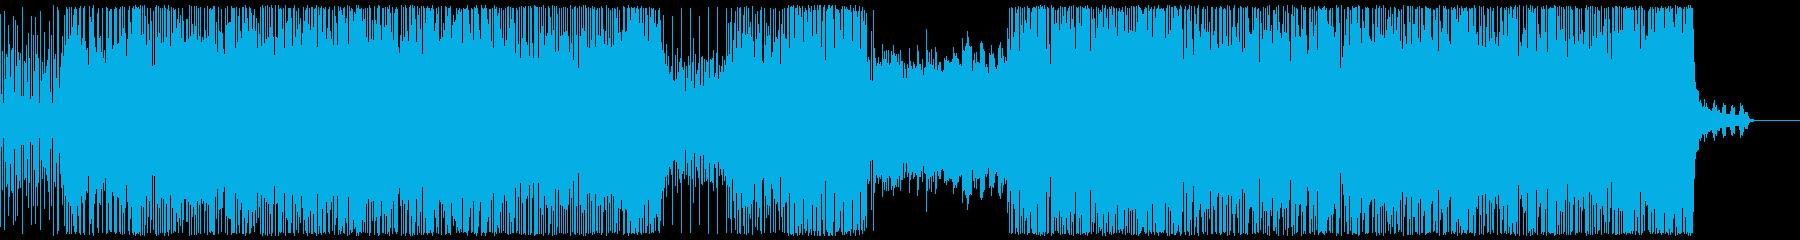 元気で可愛いエレクトロポップの再生済みの波形